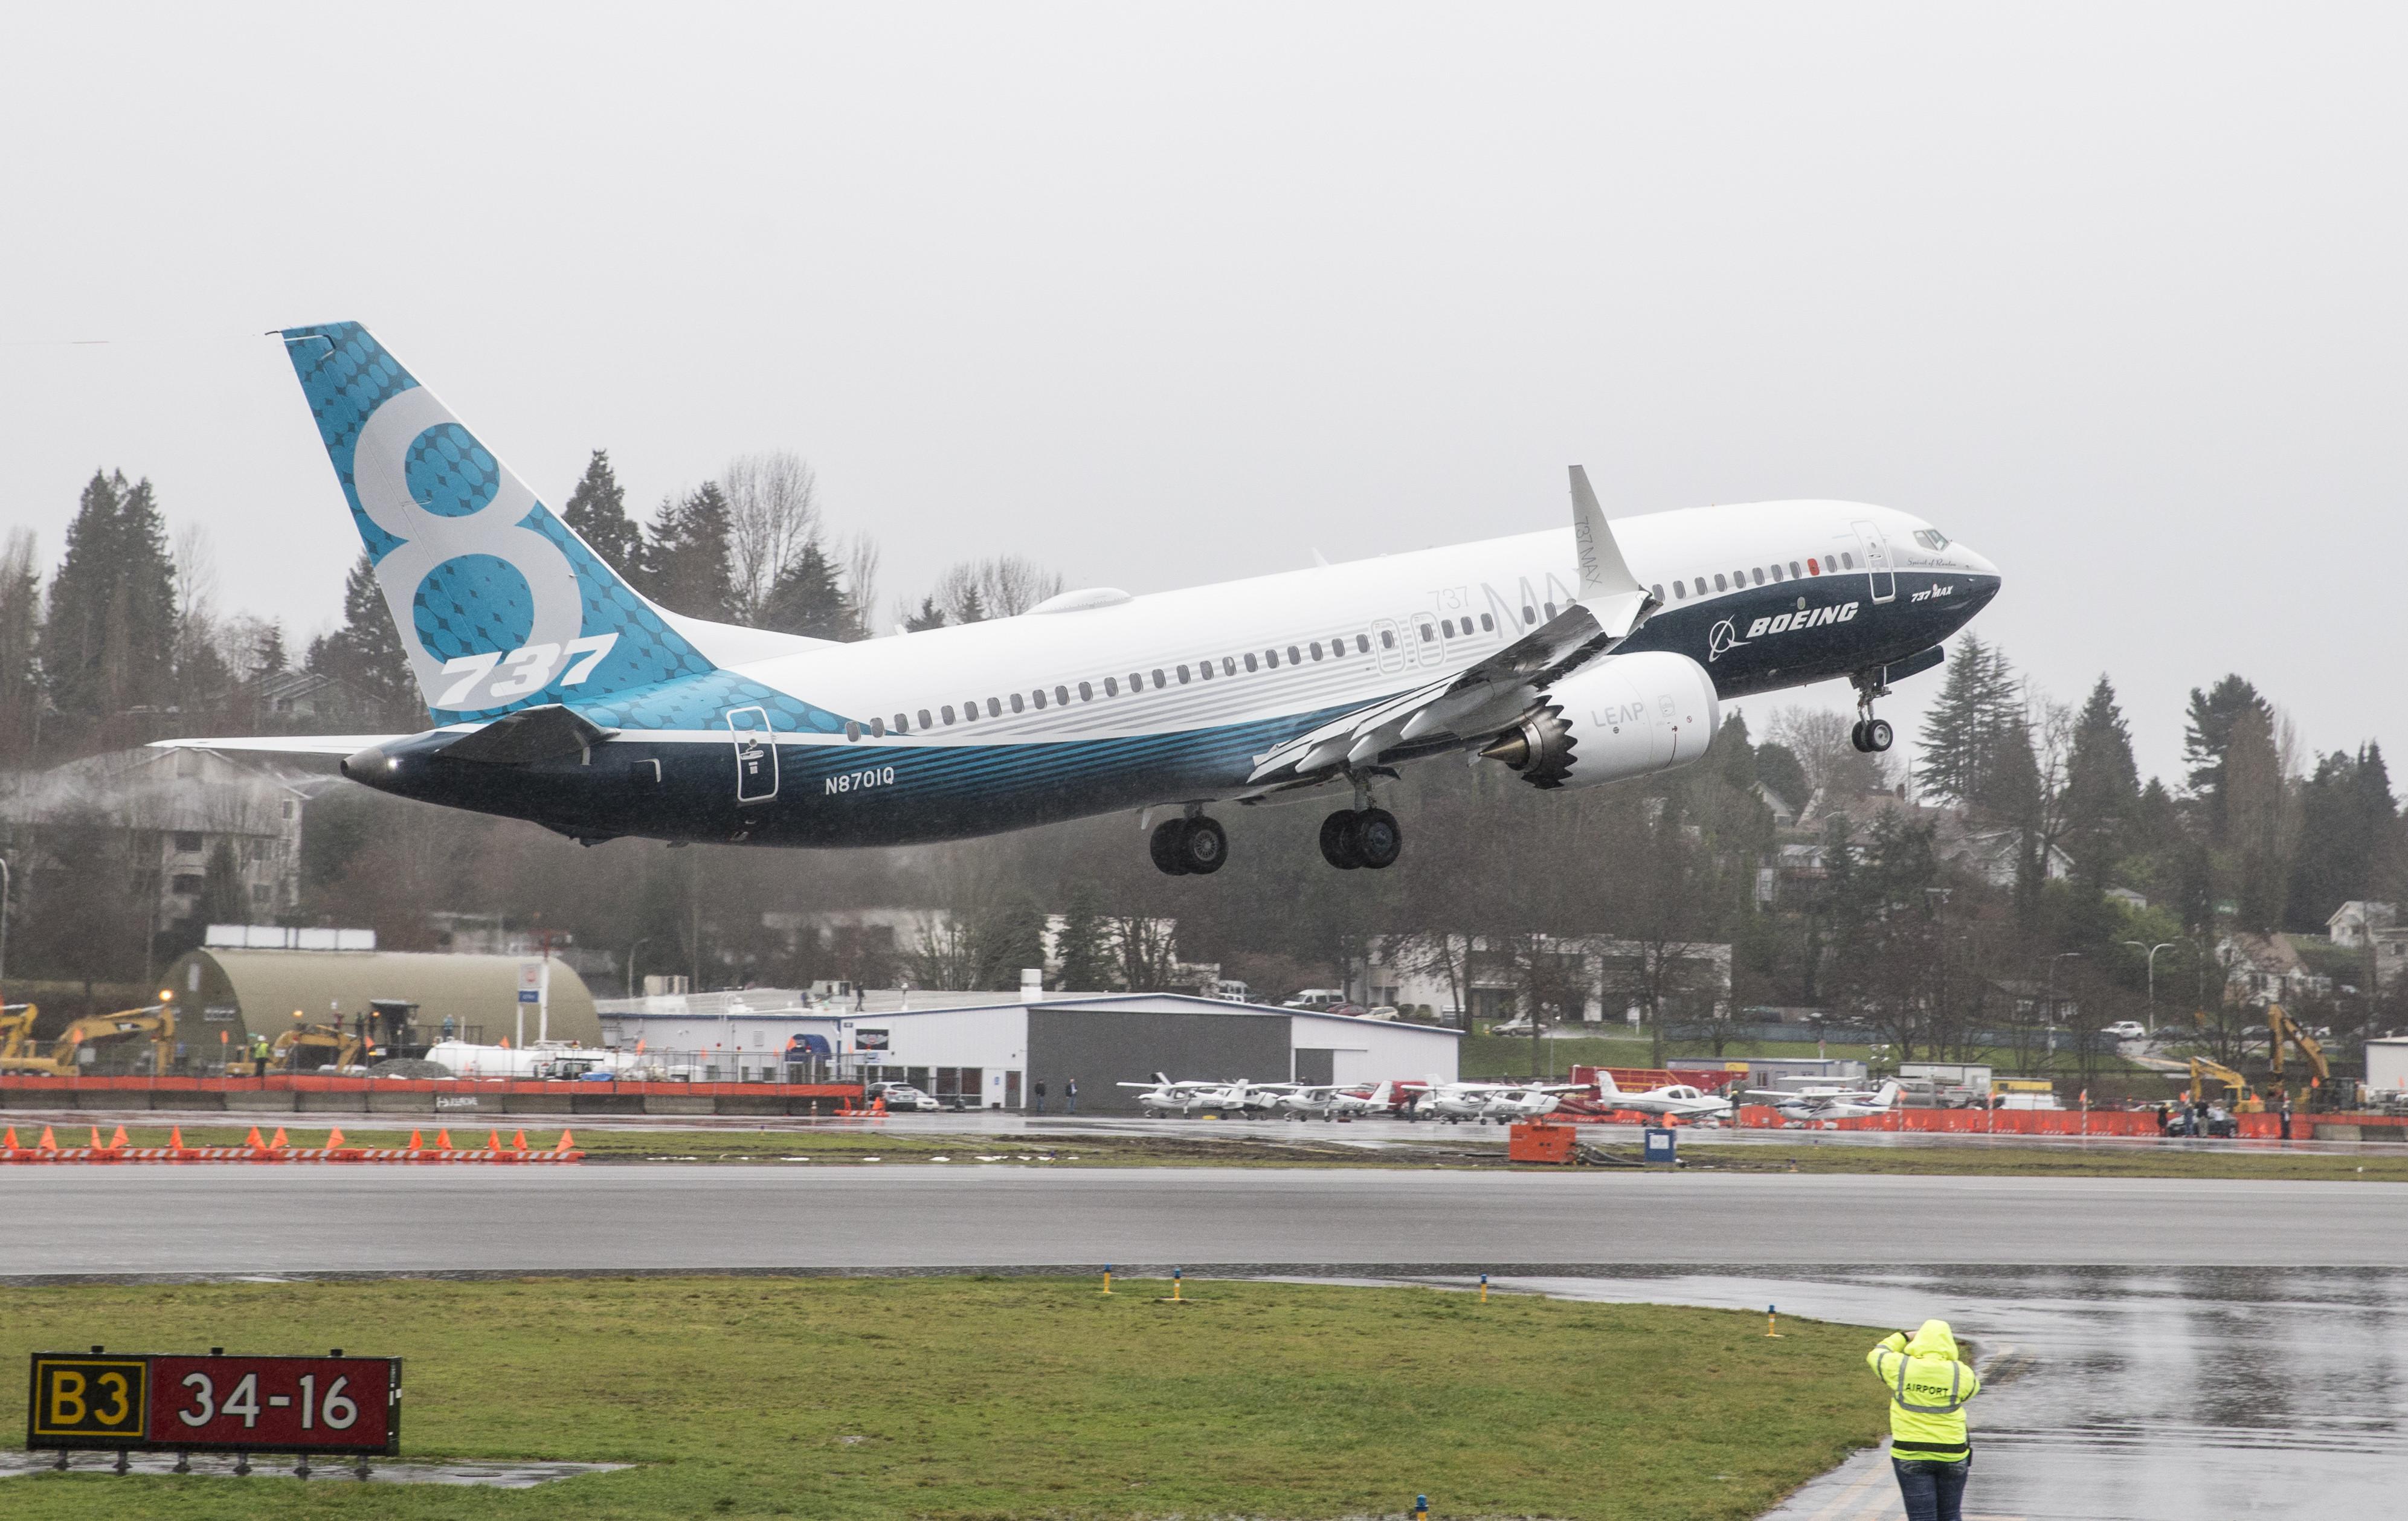 Boeing 737 Max 8 é última versão do avião mais vendido do mundo